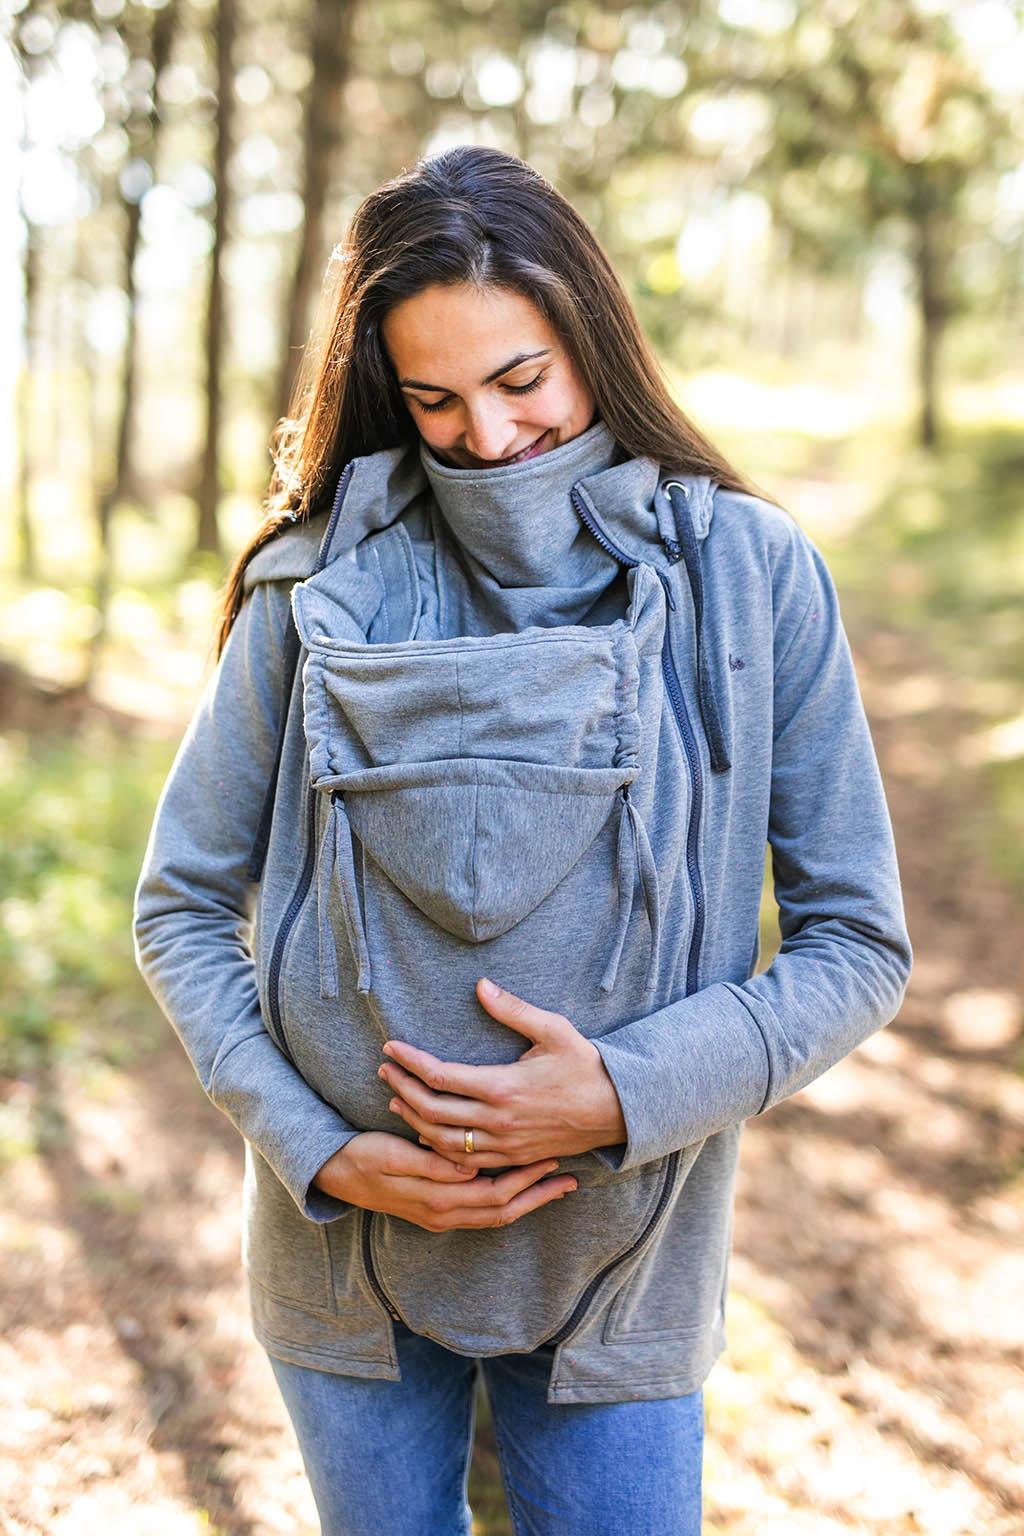 Be Lenka - Licht-grau Jogging Tragejacke xl Tragen eines Sweatshirts mit 2 in 1 Trainingsanzug